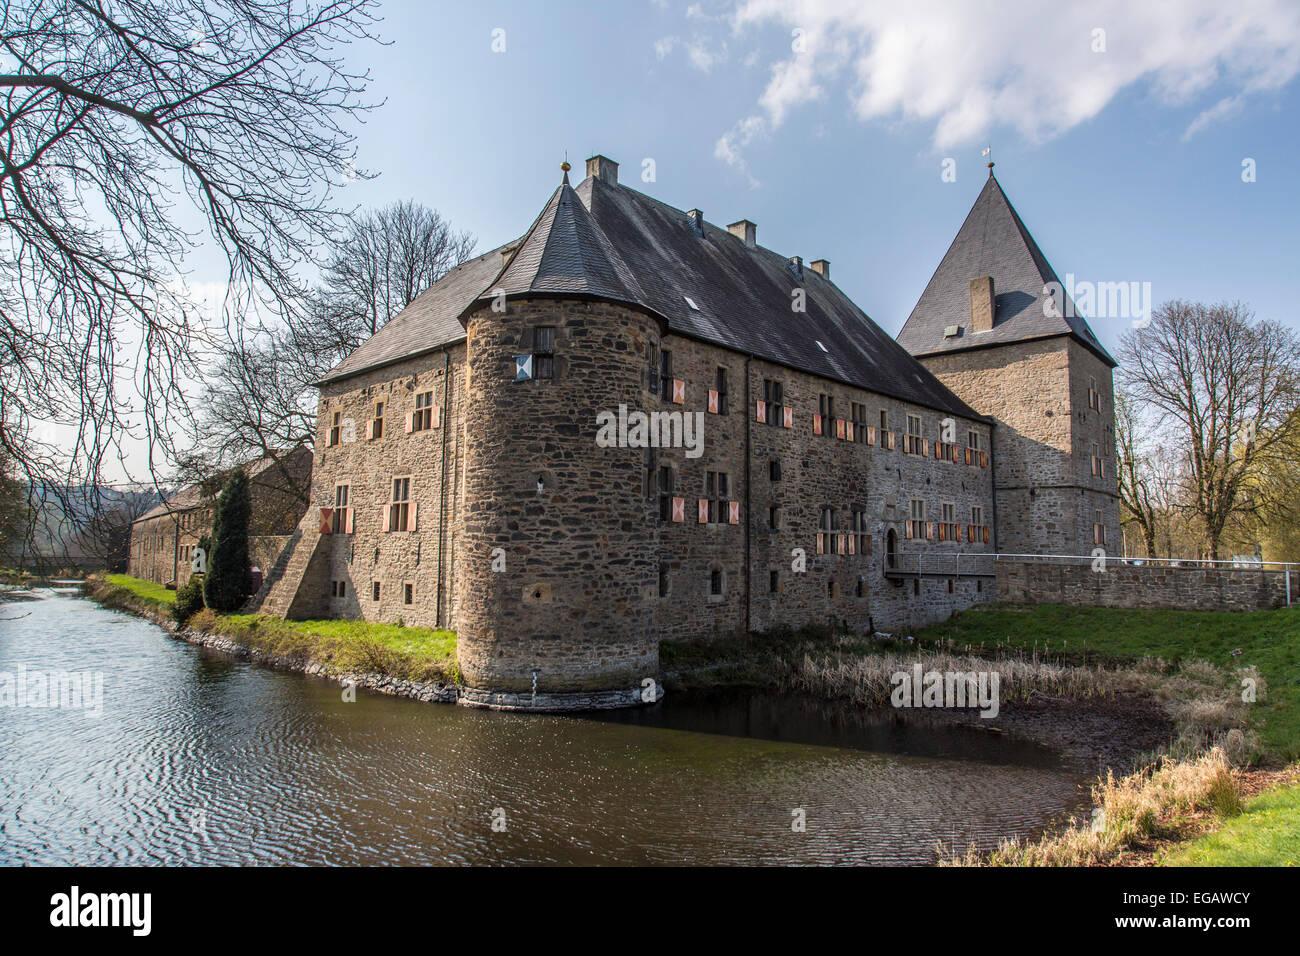 o castelo de gua haus kemnade 39 no rio ruhr bochum alemanha foto imagem de stock 78915451. Black Bedroom Furniture Sets. Home Design Ideas